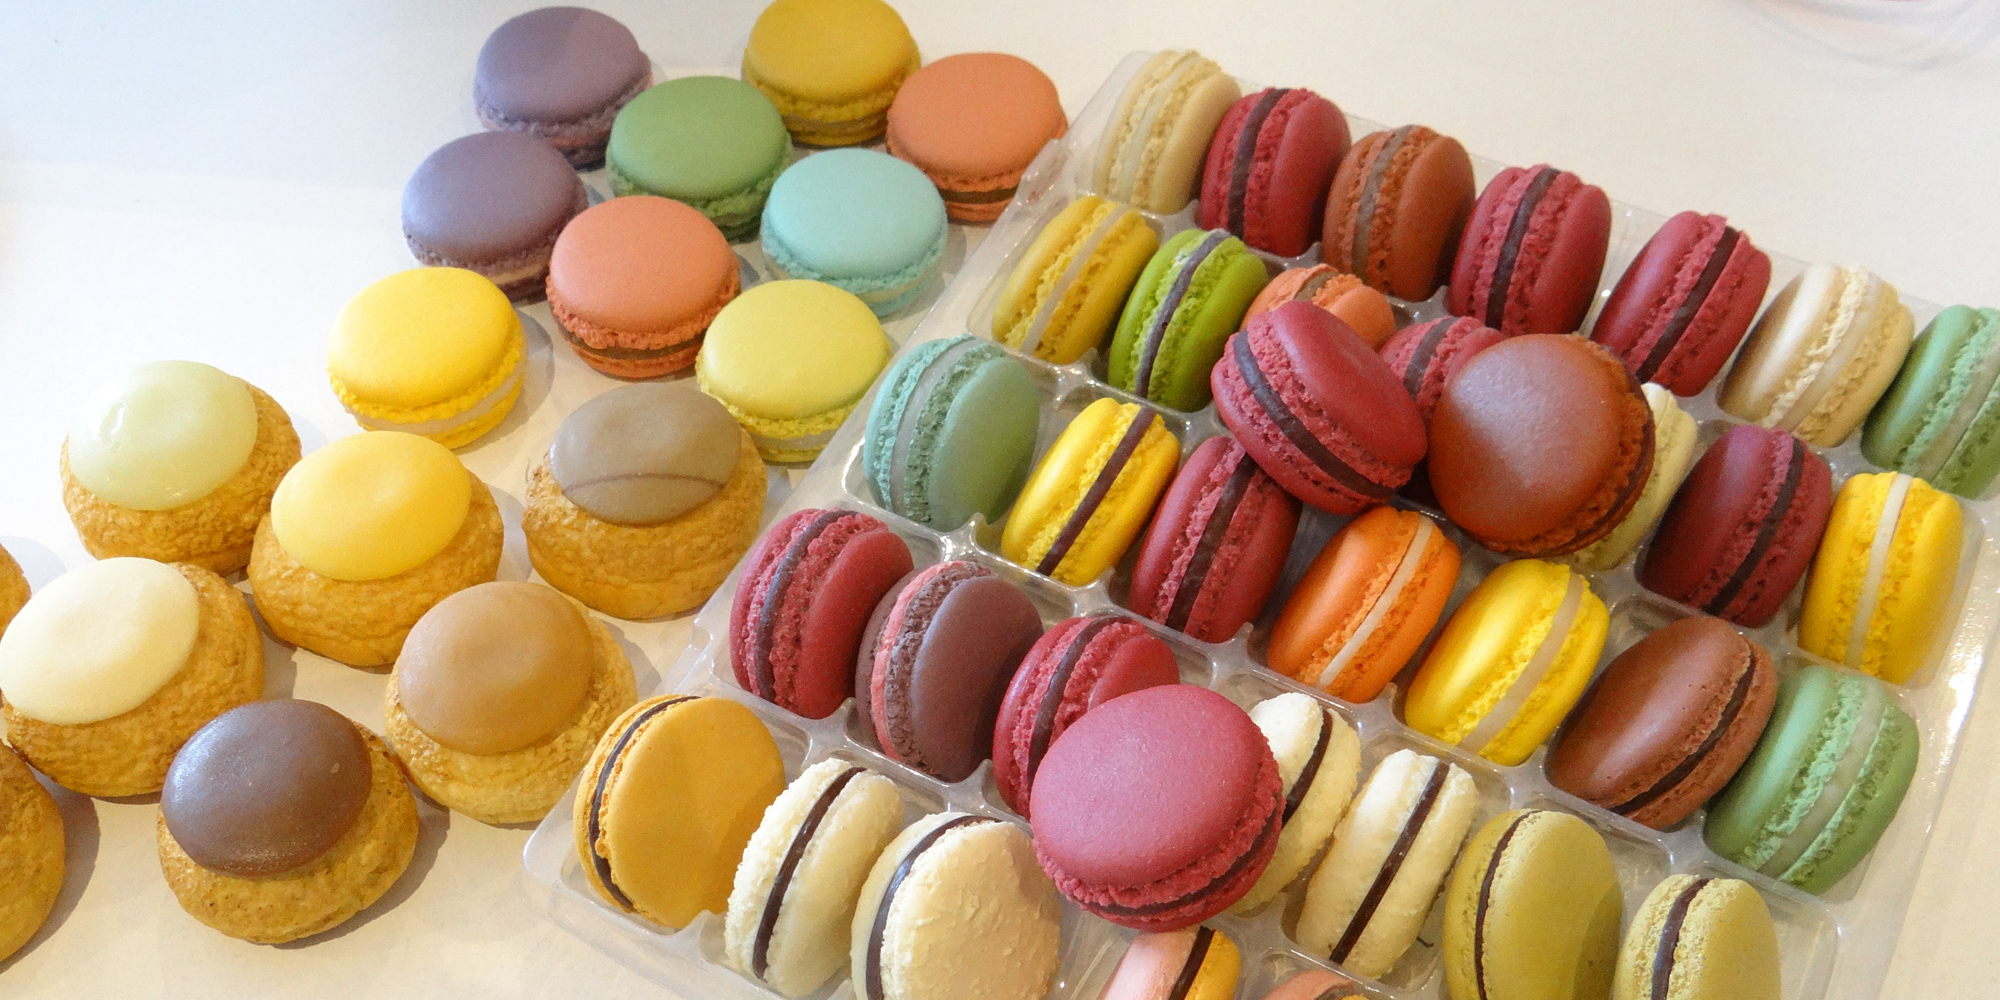 assortiment de macarons factices et choux craquelins en résine made by COBALT FX